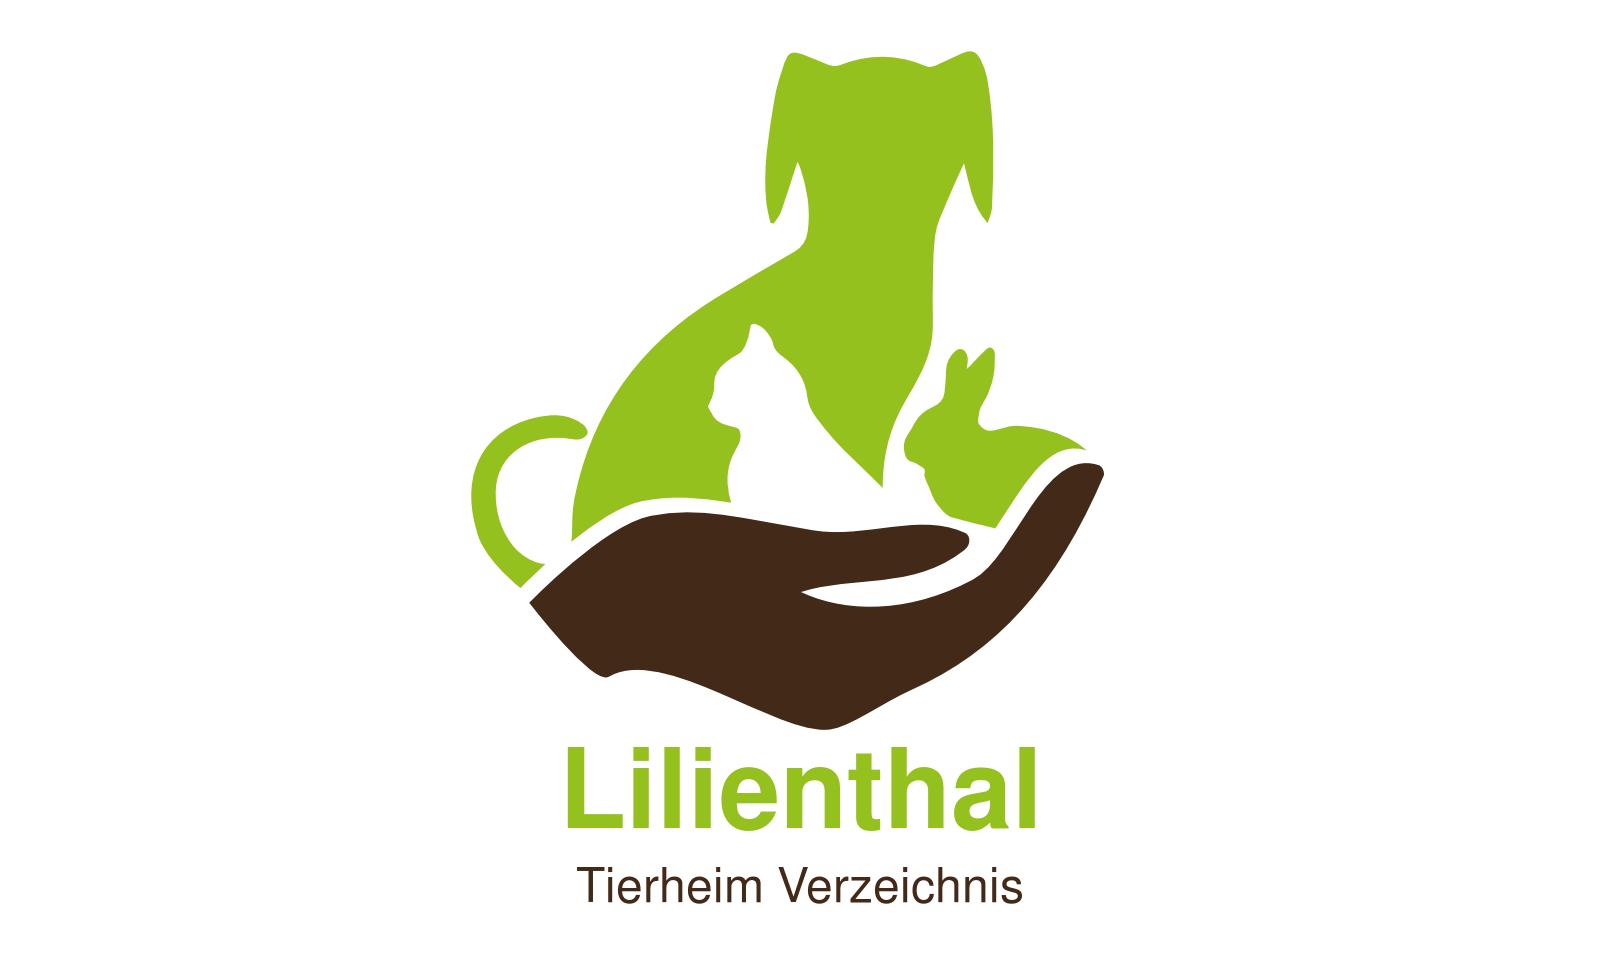 Tierheim Lilienthal